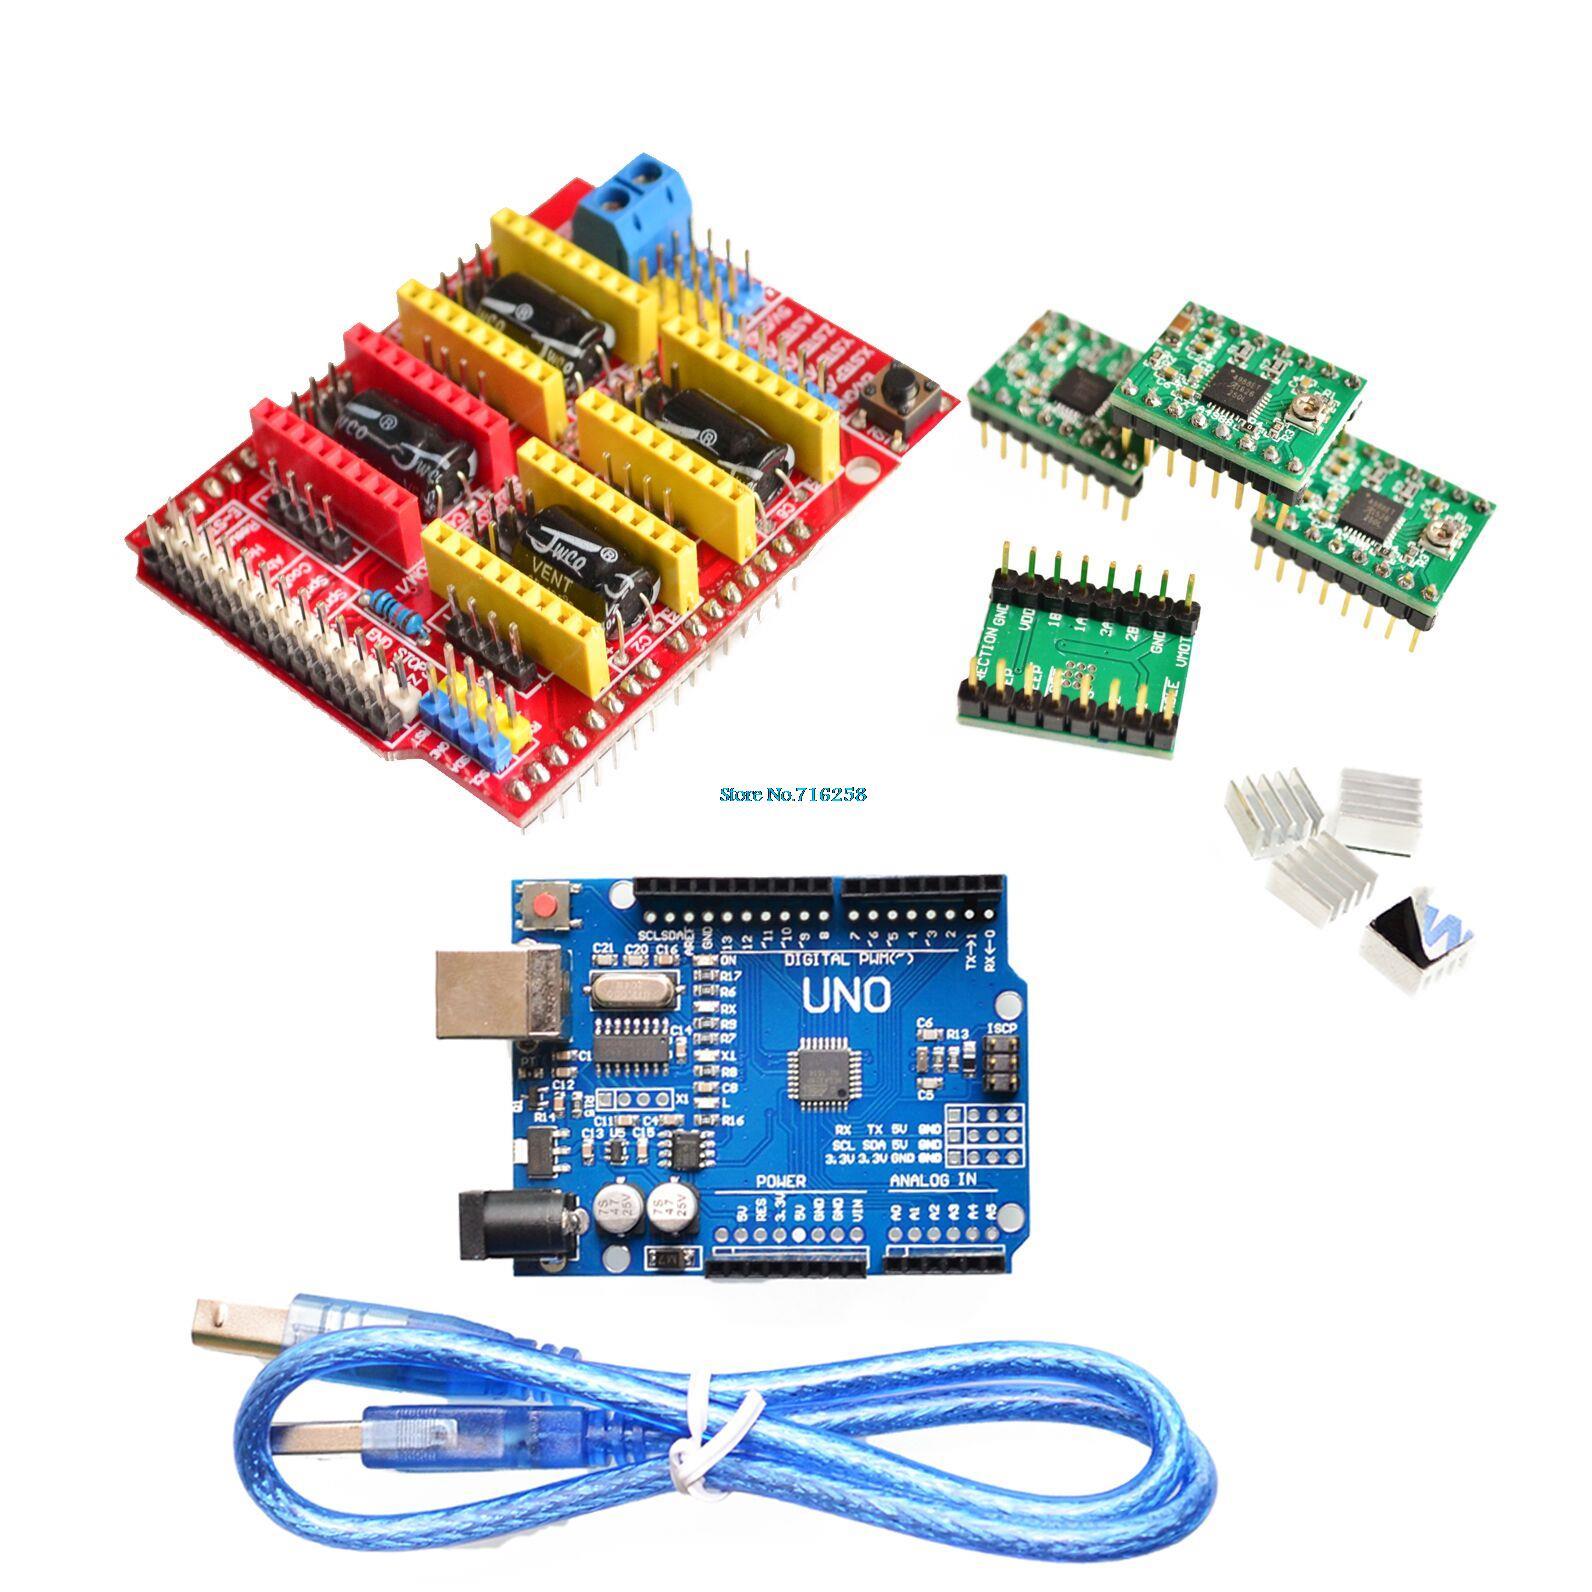 V3.0 Stecher CNC Schild + Board + A4988 Schrittmotor Treiber Für UNO R3 für Arduino